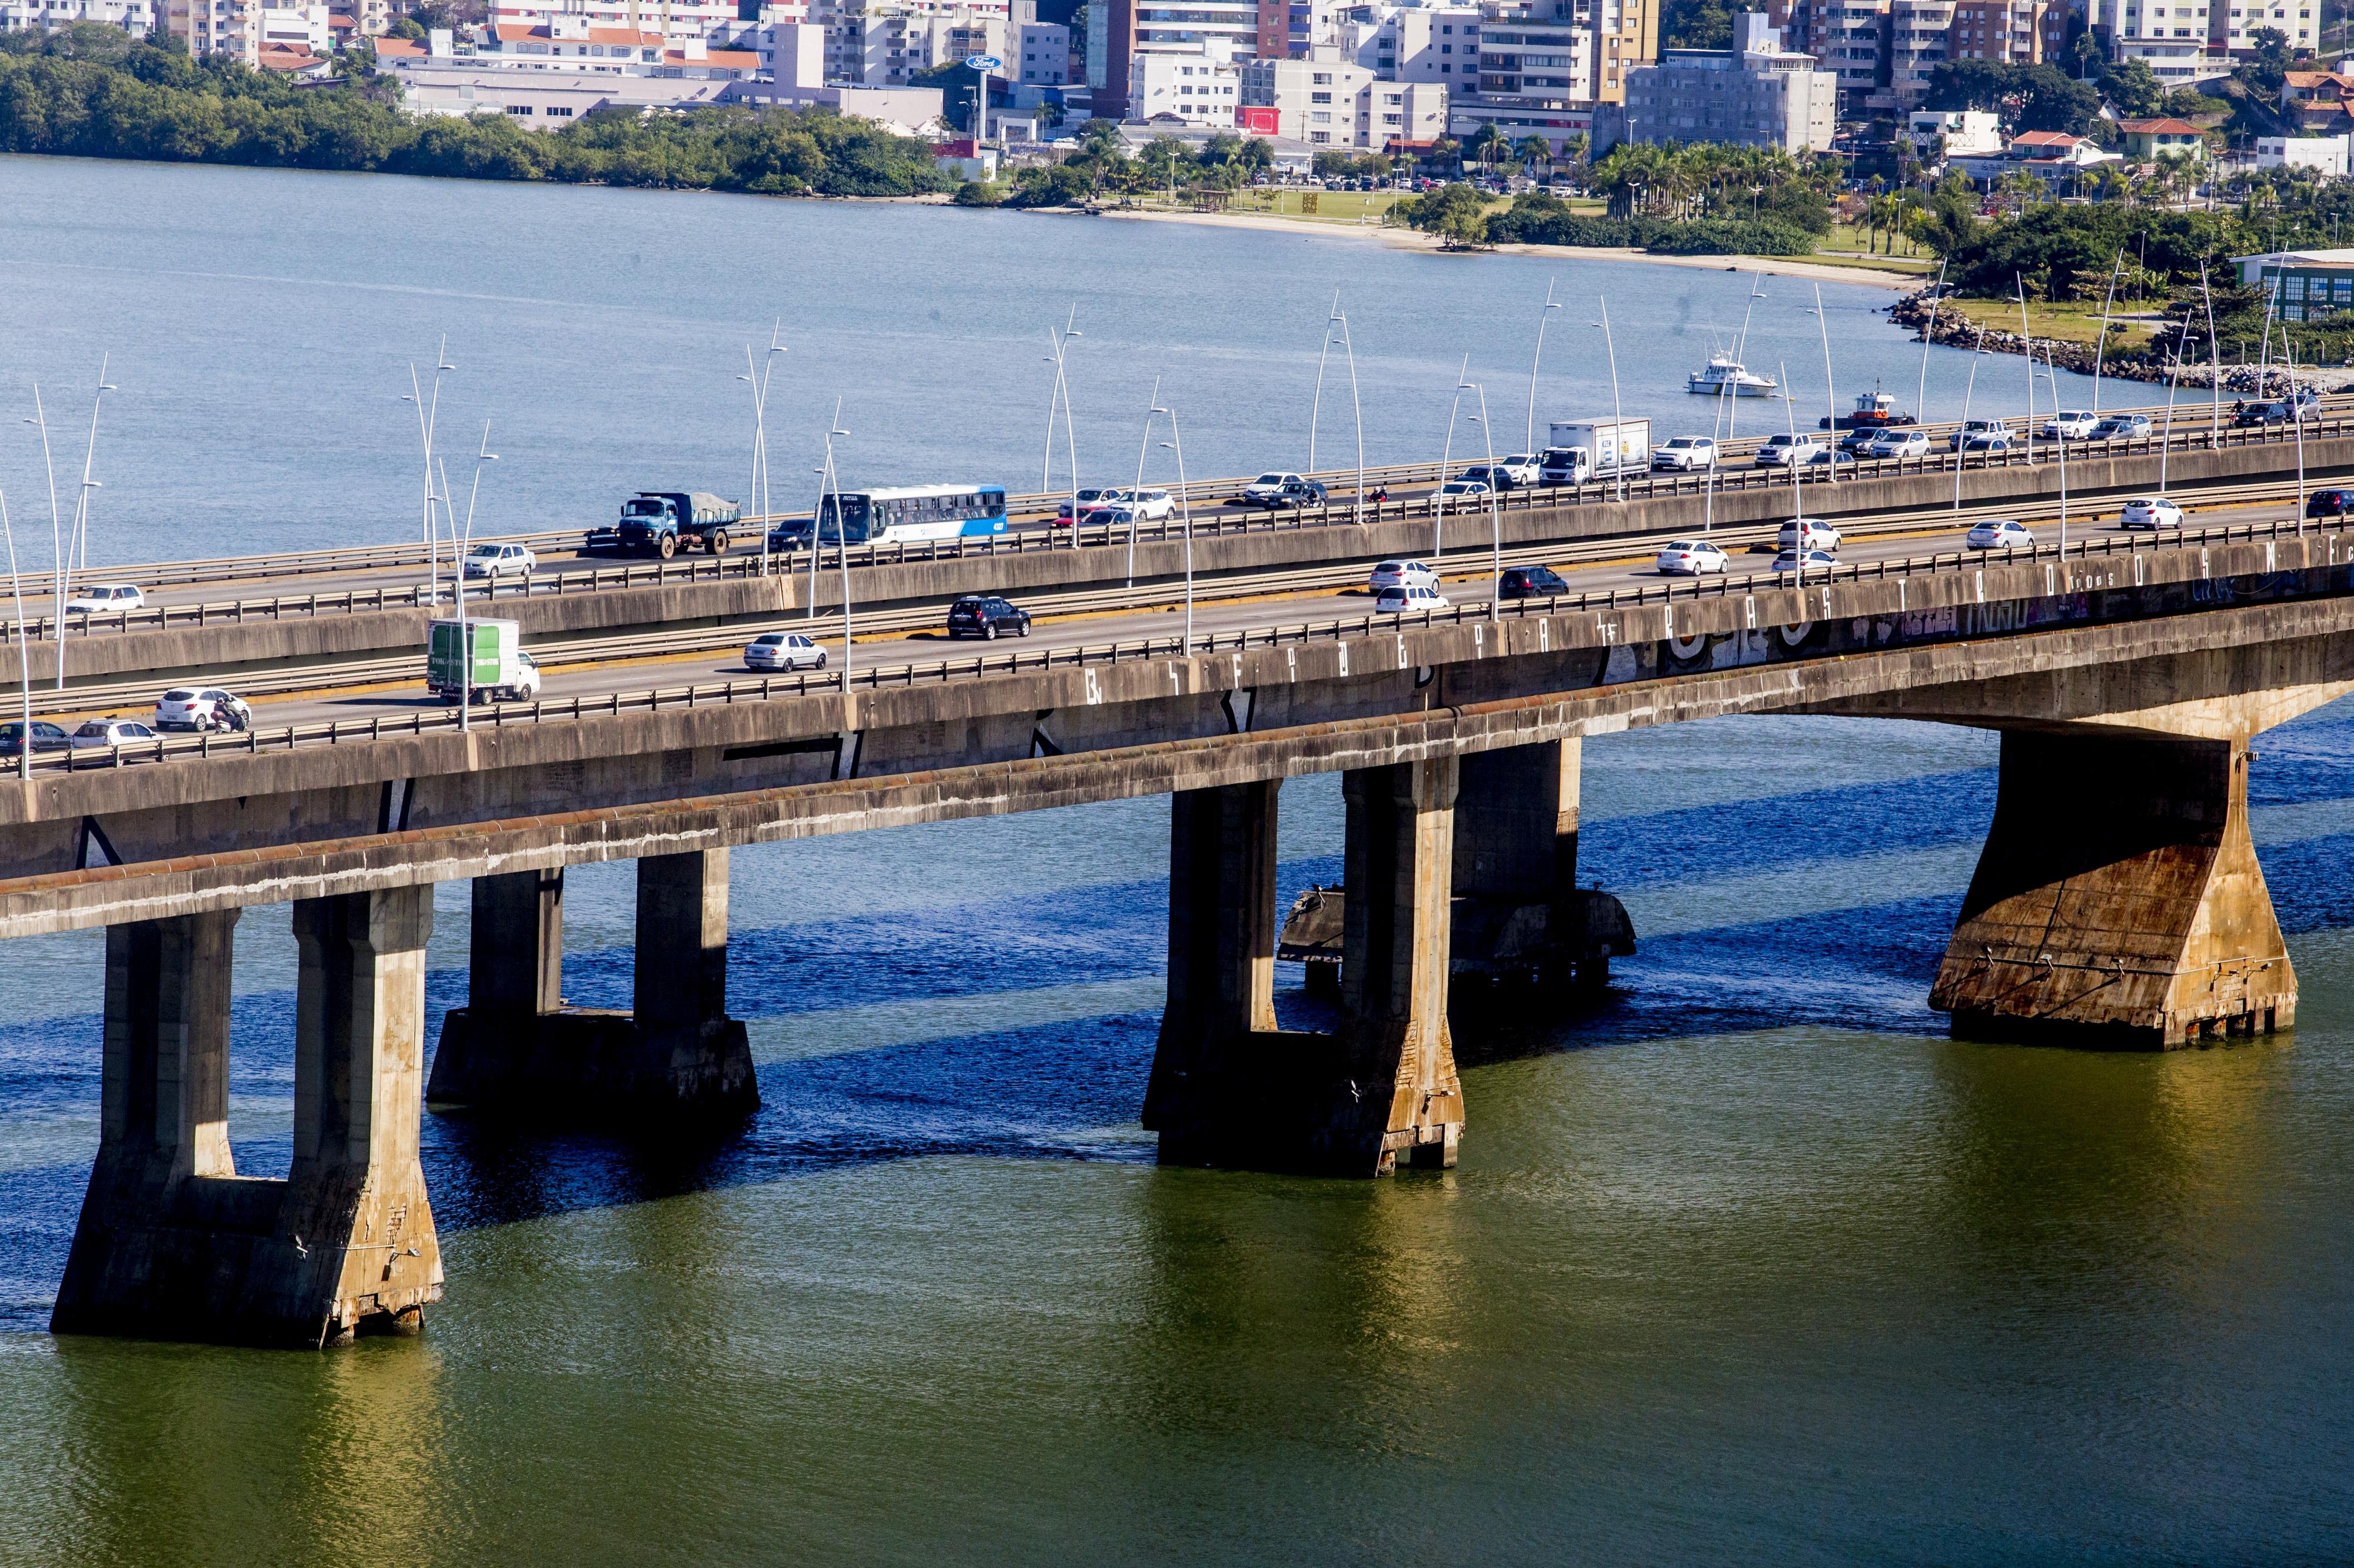 Projeto do Deinfra para a manutenção das pontes prevê gasto de R$ 29 milhões e prazo de três anos para conclusão - Flávio Tin/ND